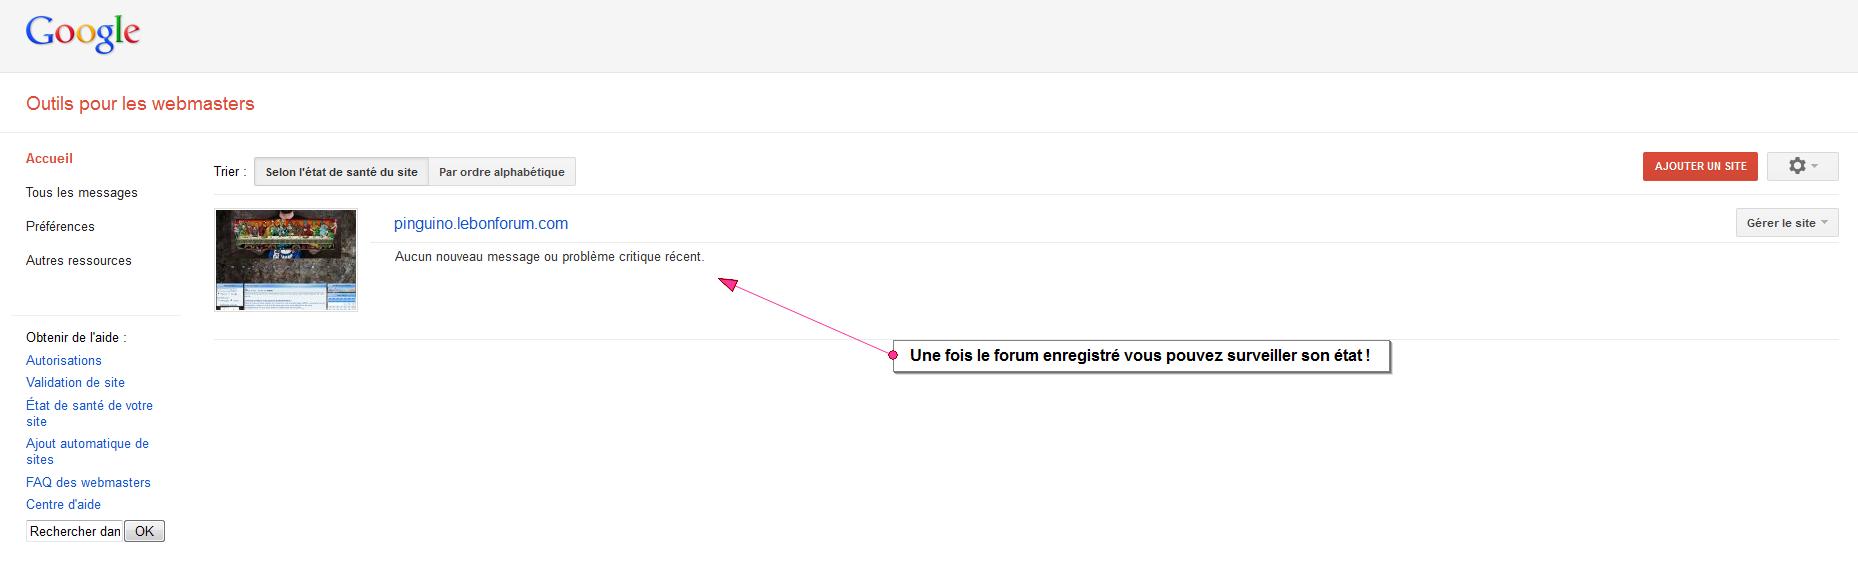 Nettoyer son forum après une alerte Google Outils19